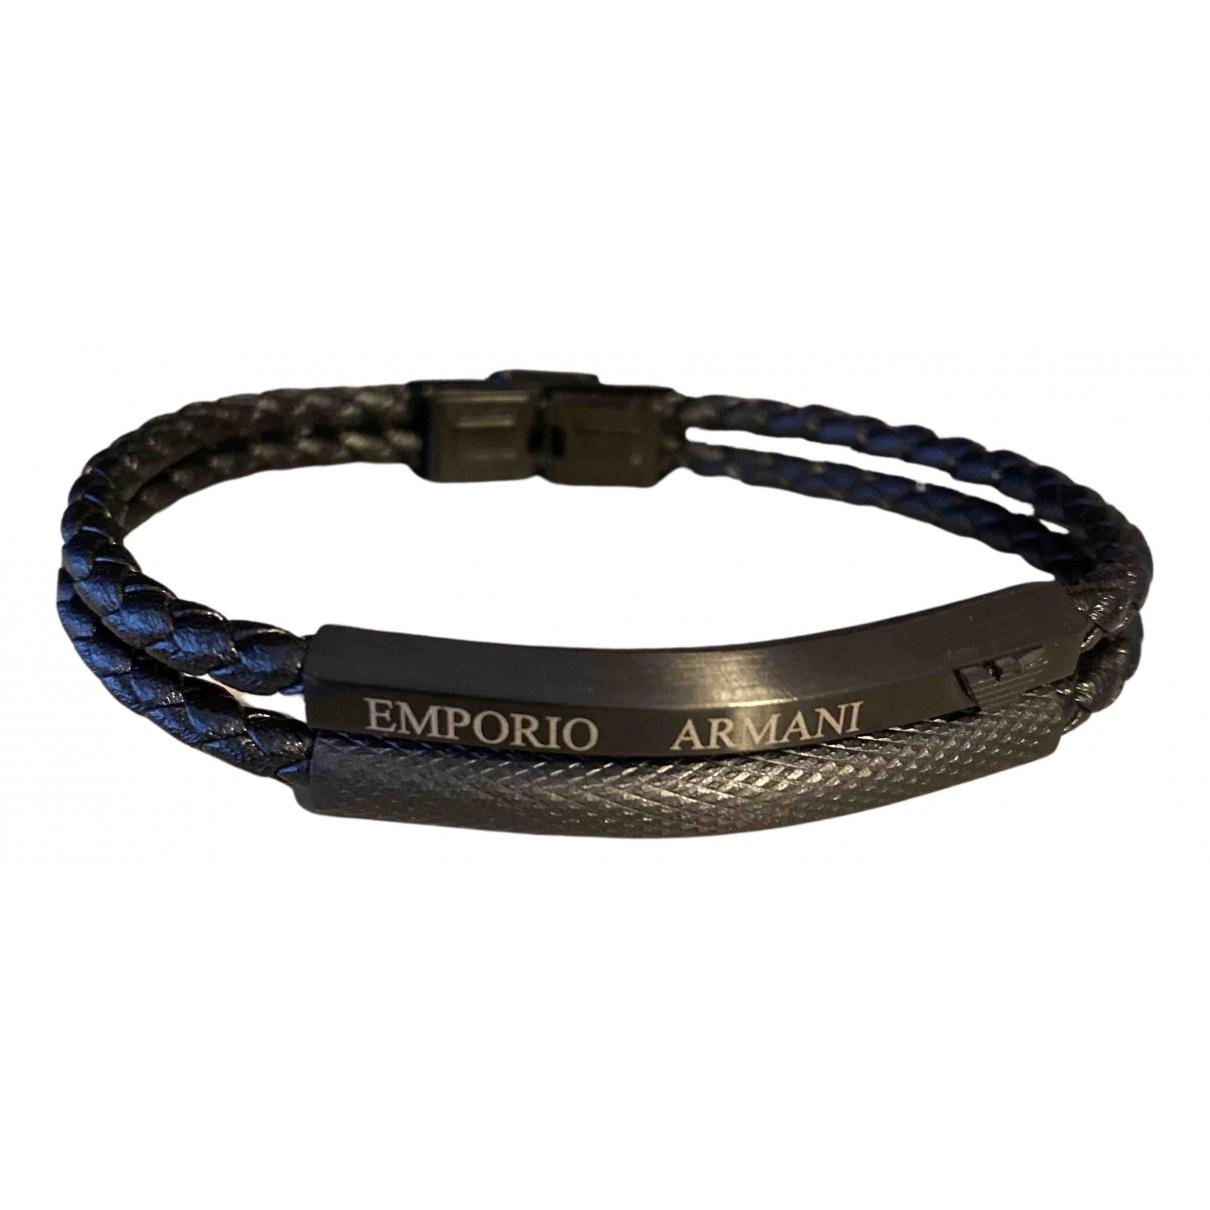 Emporio Armani - Bijoux   pour homme en cuir - noir